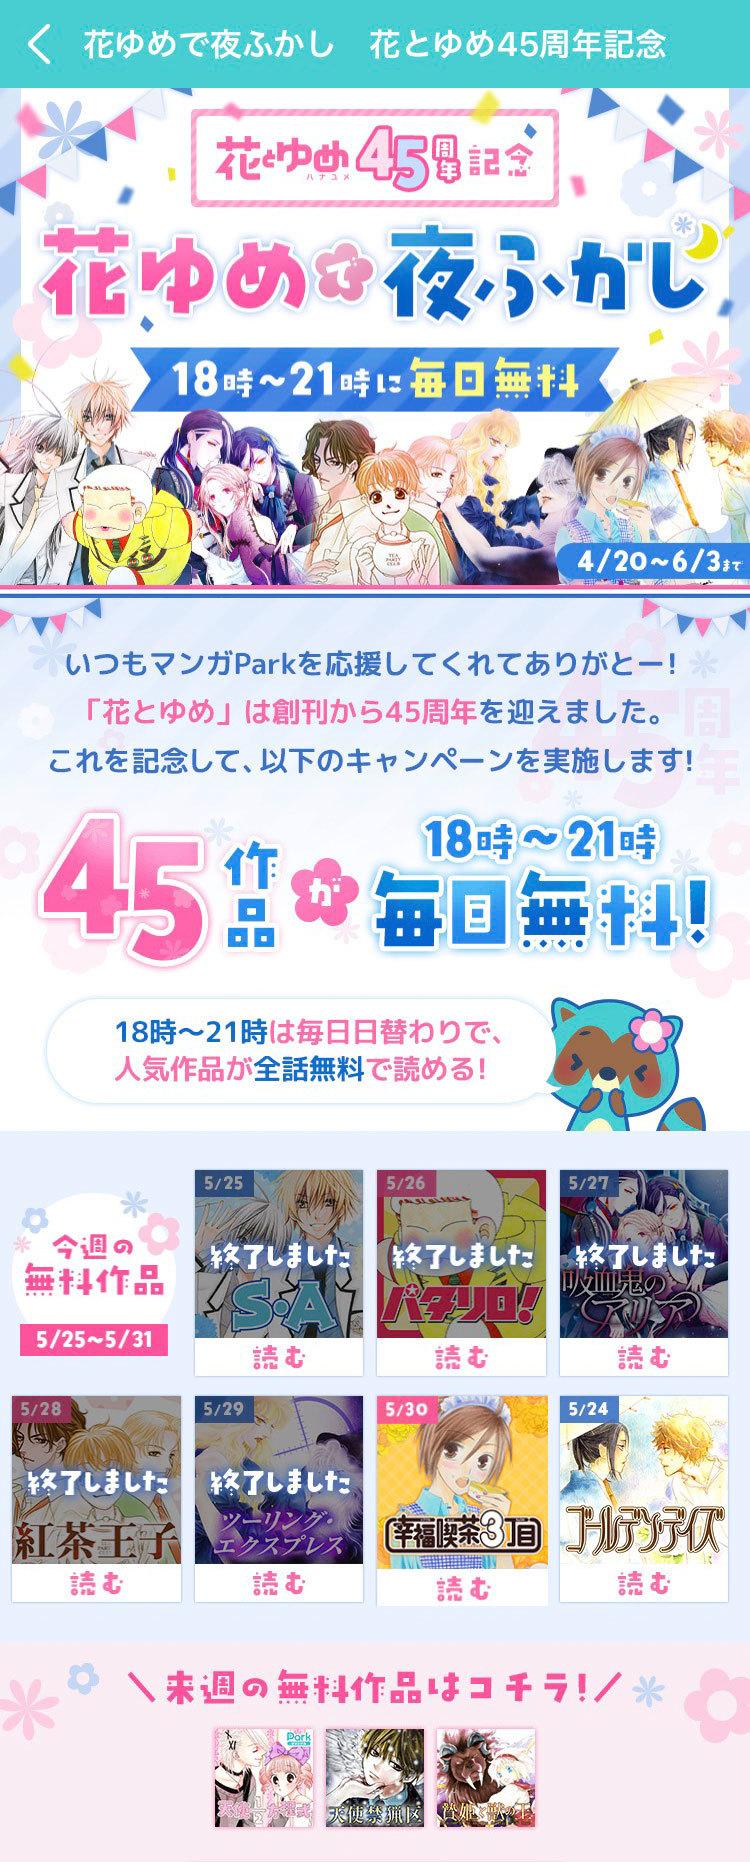 マンガParkの無料イベント_a0342172_03131776.jpg